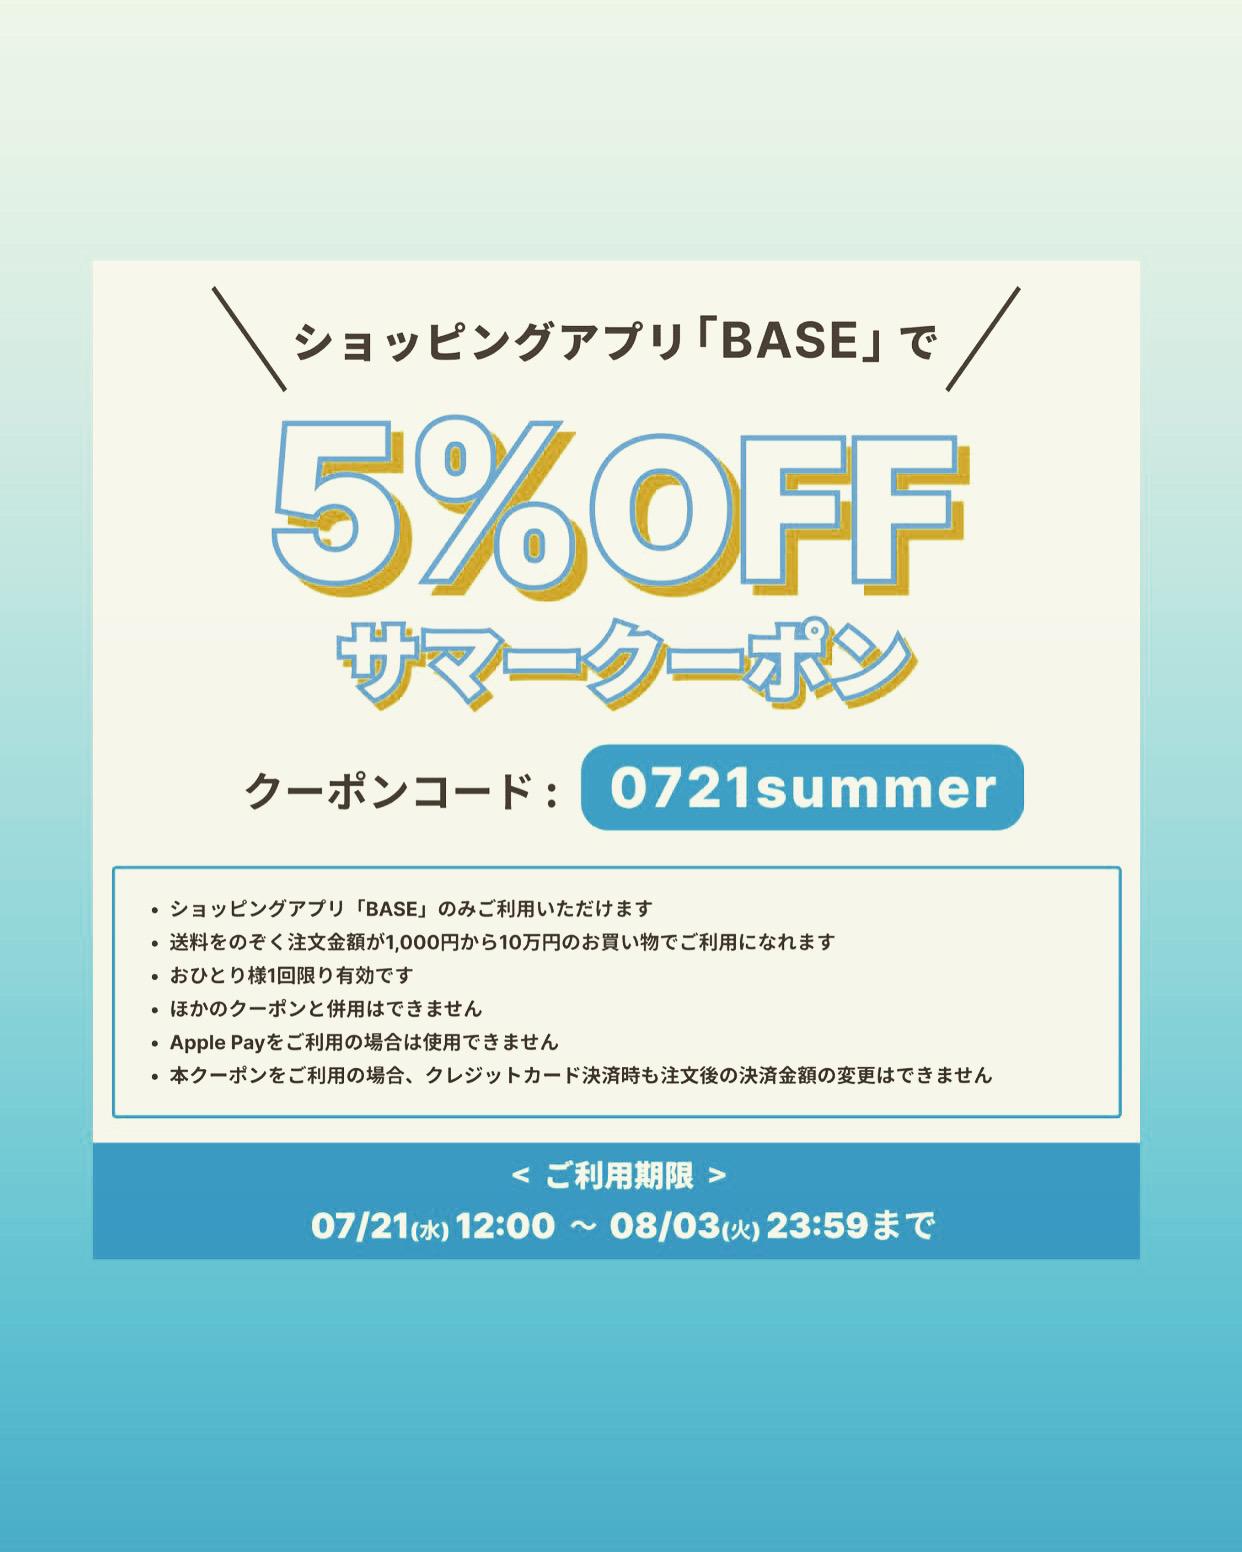 BASE ♡ SUMMER キャンペーンのお知らせ